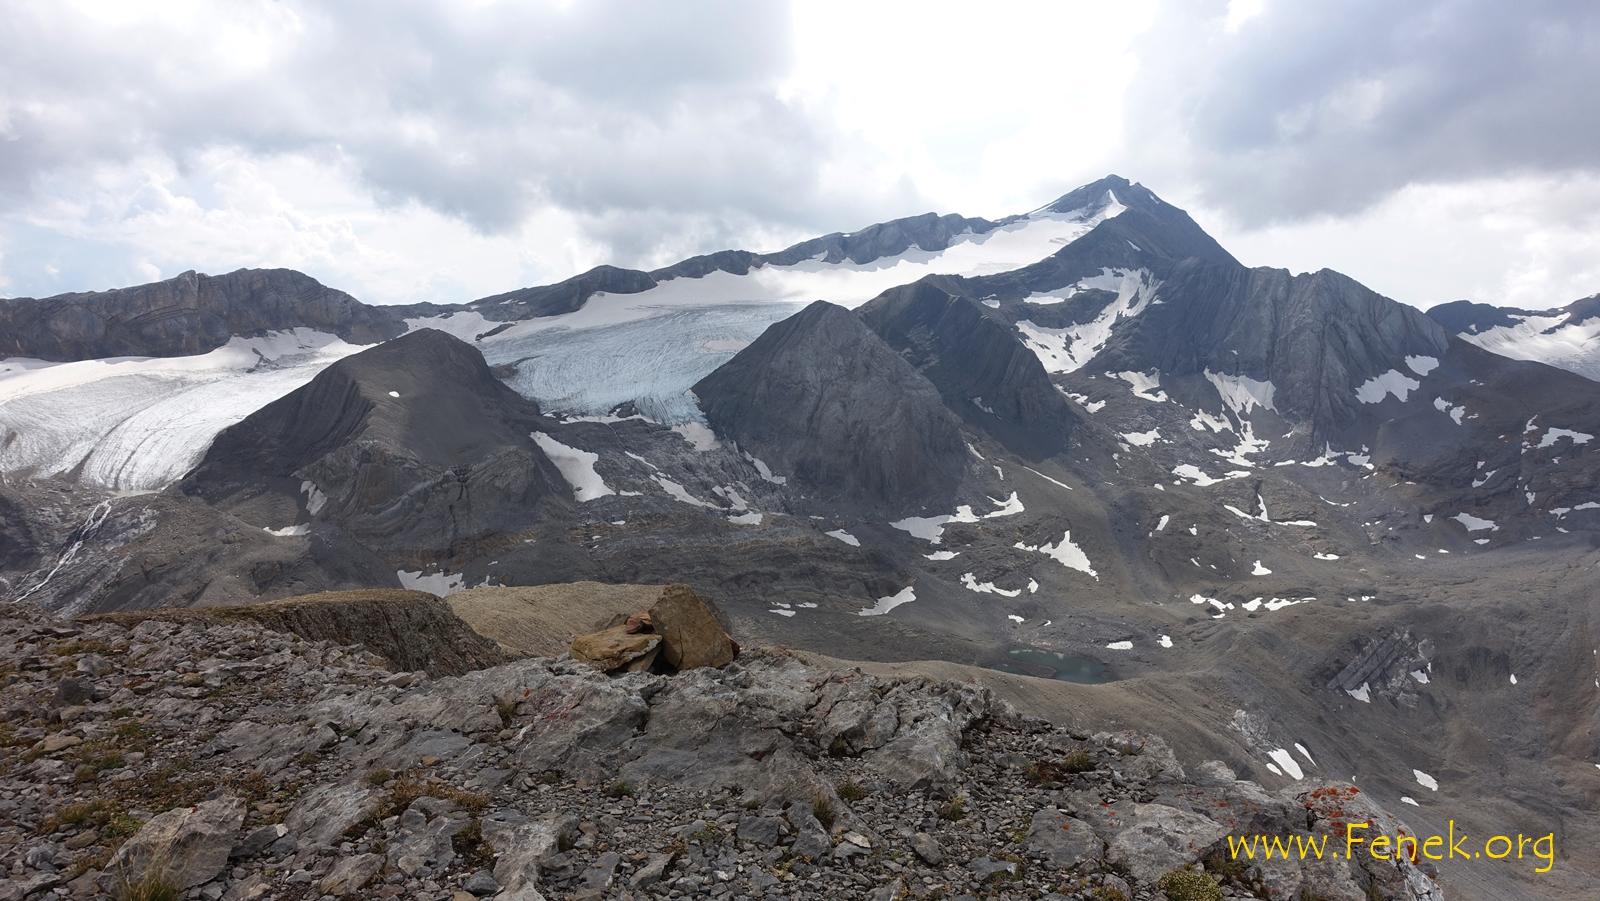 Gipfelauusicht zum Wildhorn